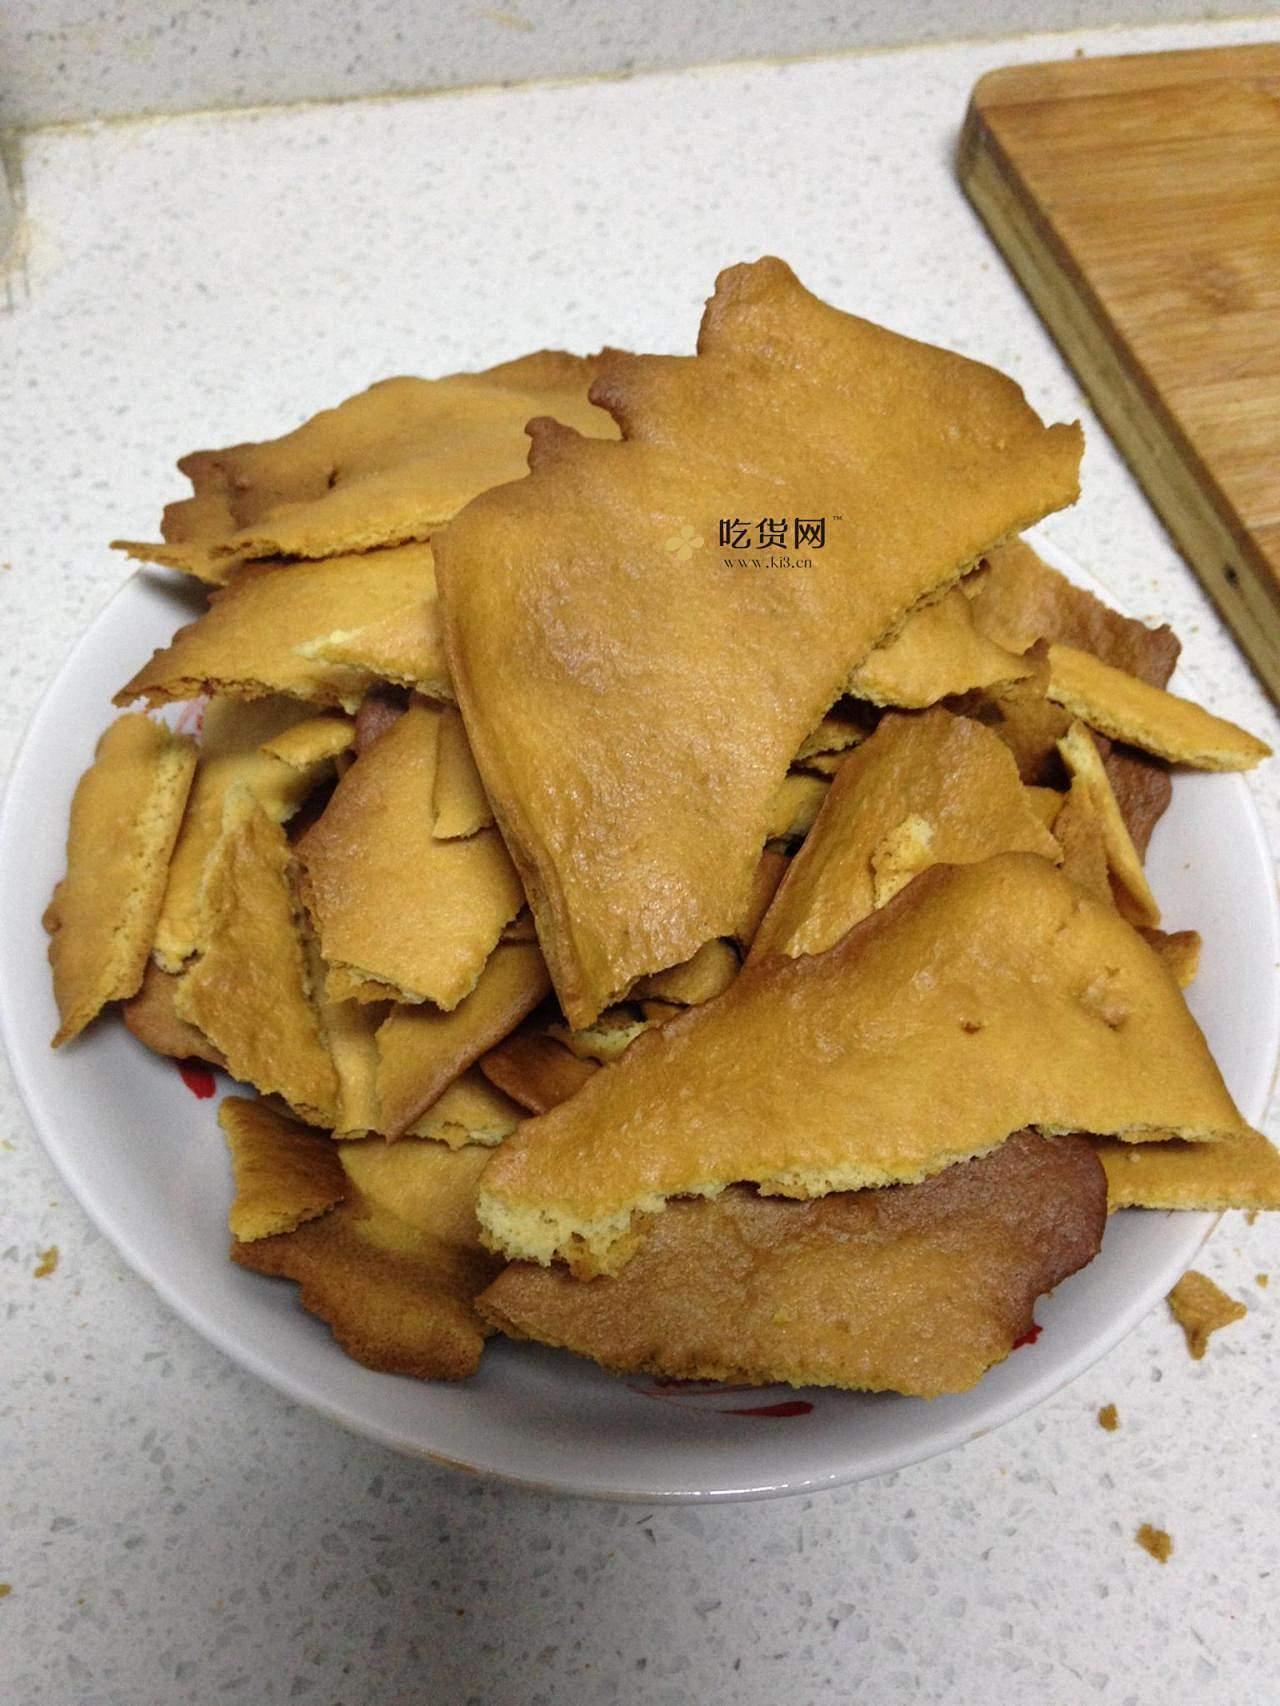 俄罗斯蜂蜜蛋糕   千层蛋糕【又名提拉米苏】的做法 步骤15